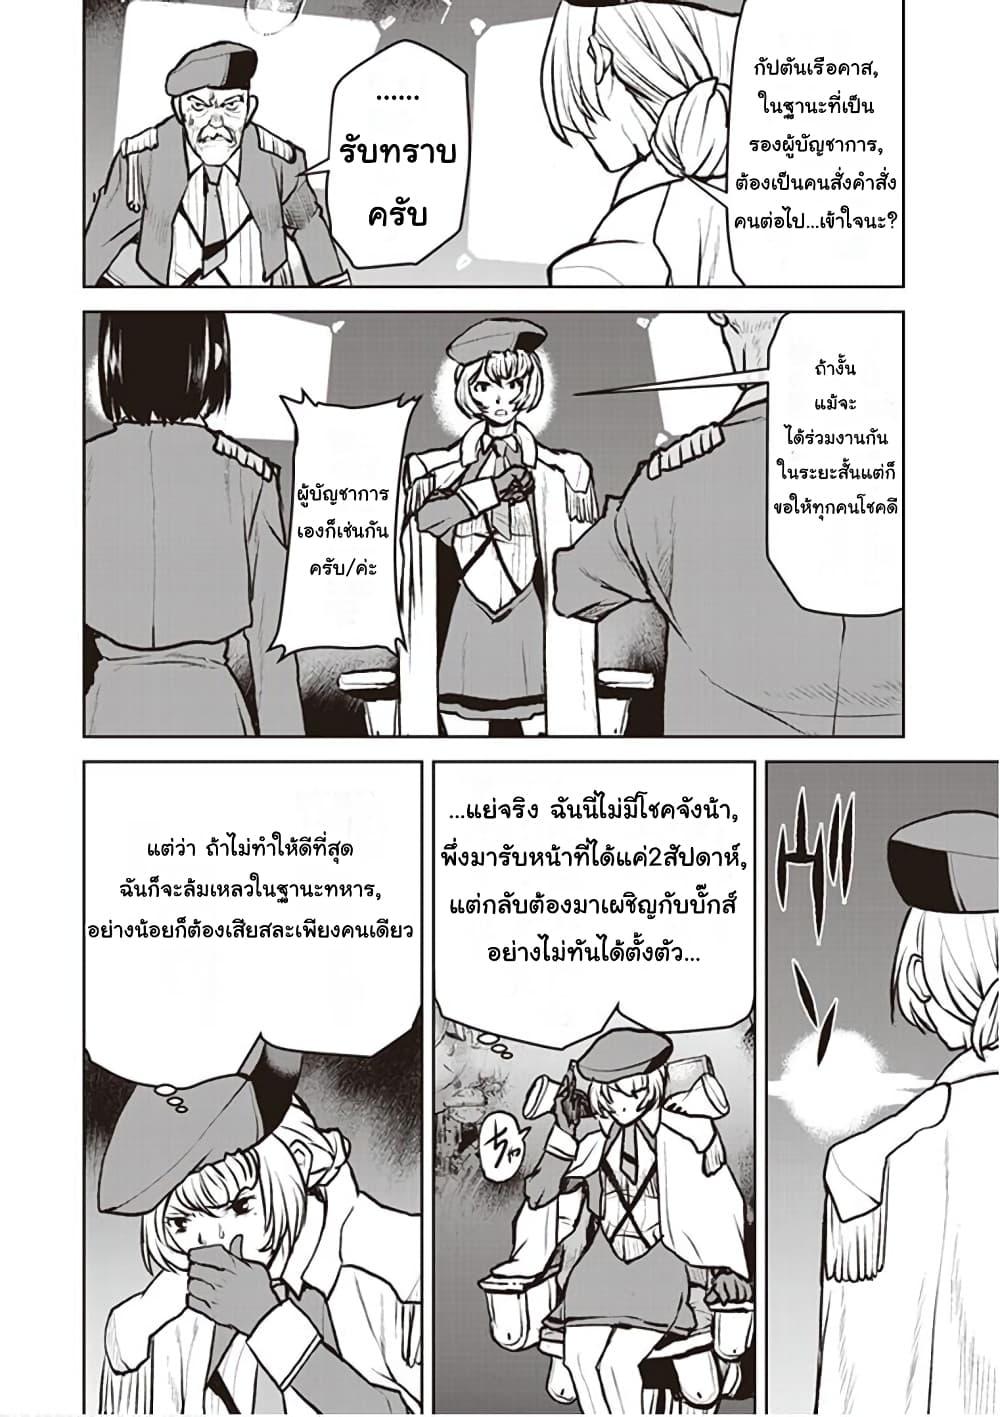 อ่านการ์ตูน The Galactic Navy Officer Becomes an Adventurer ตอนที่ 5 หน้าที่ 6